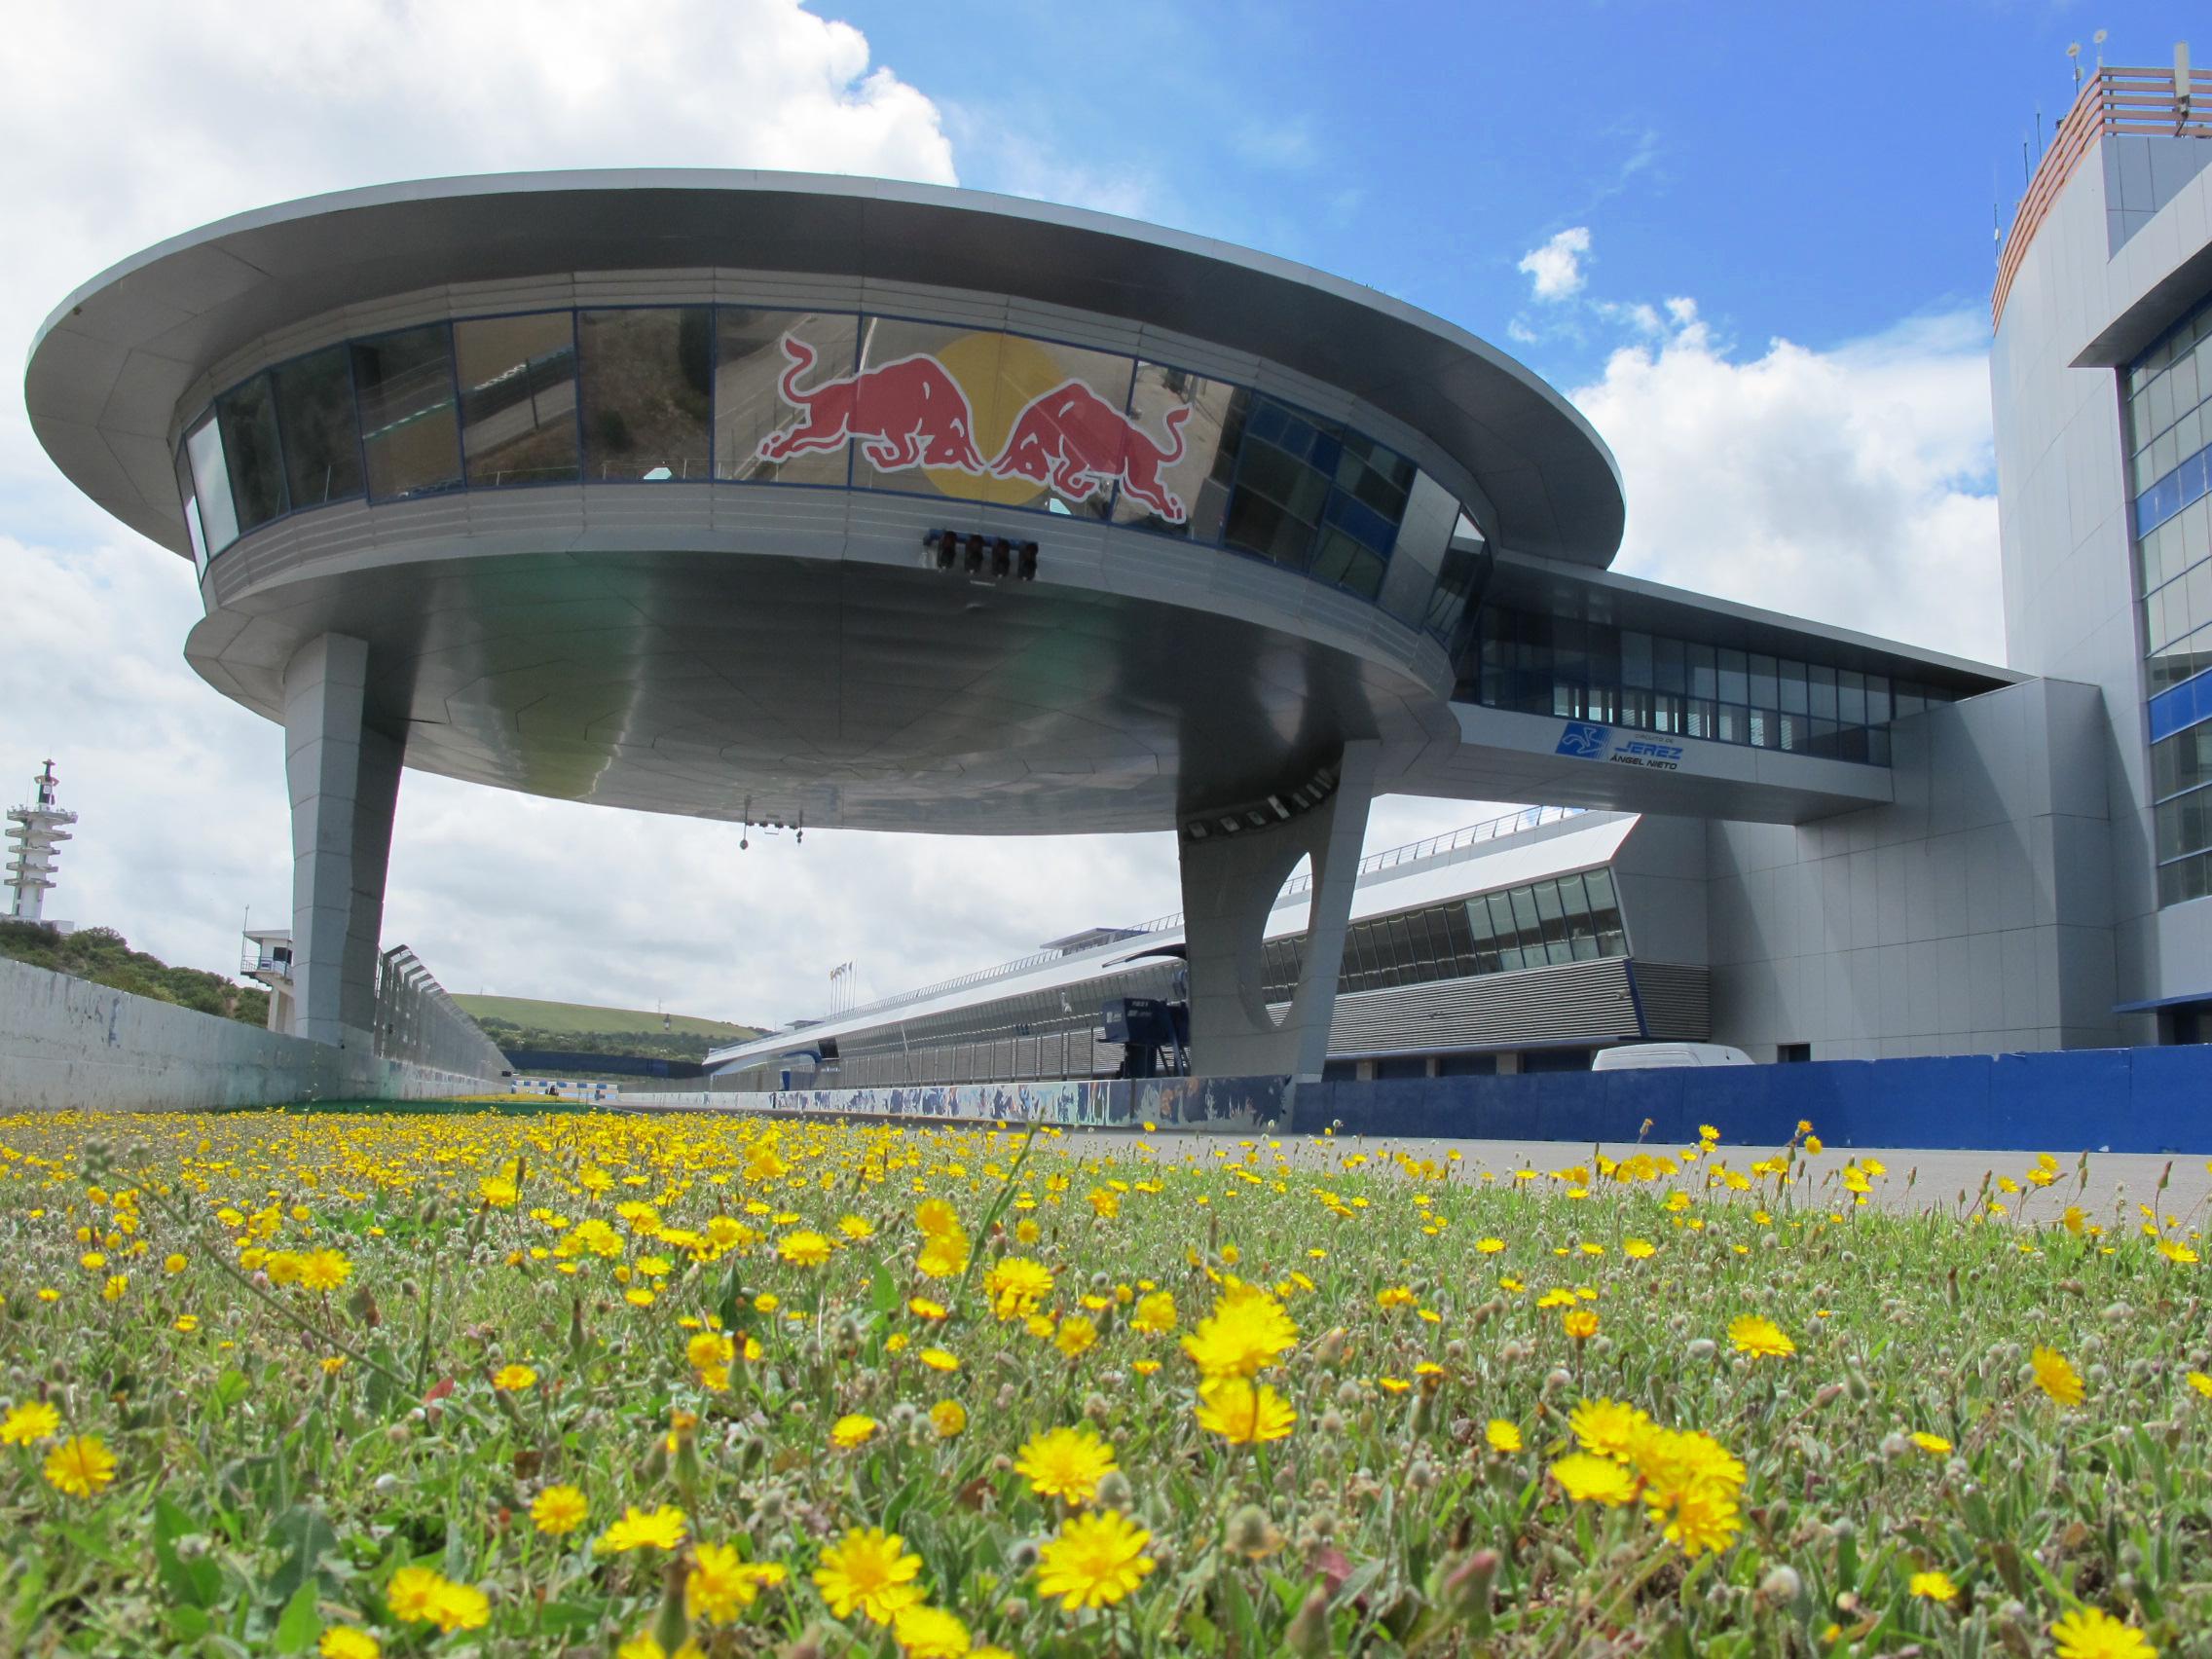 El Circuito de Jerez calienta motores para el Gran Premio Red Bull de España